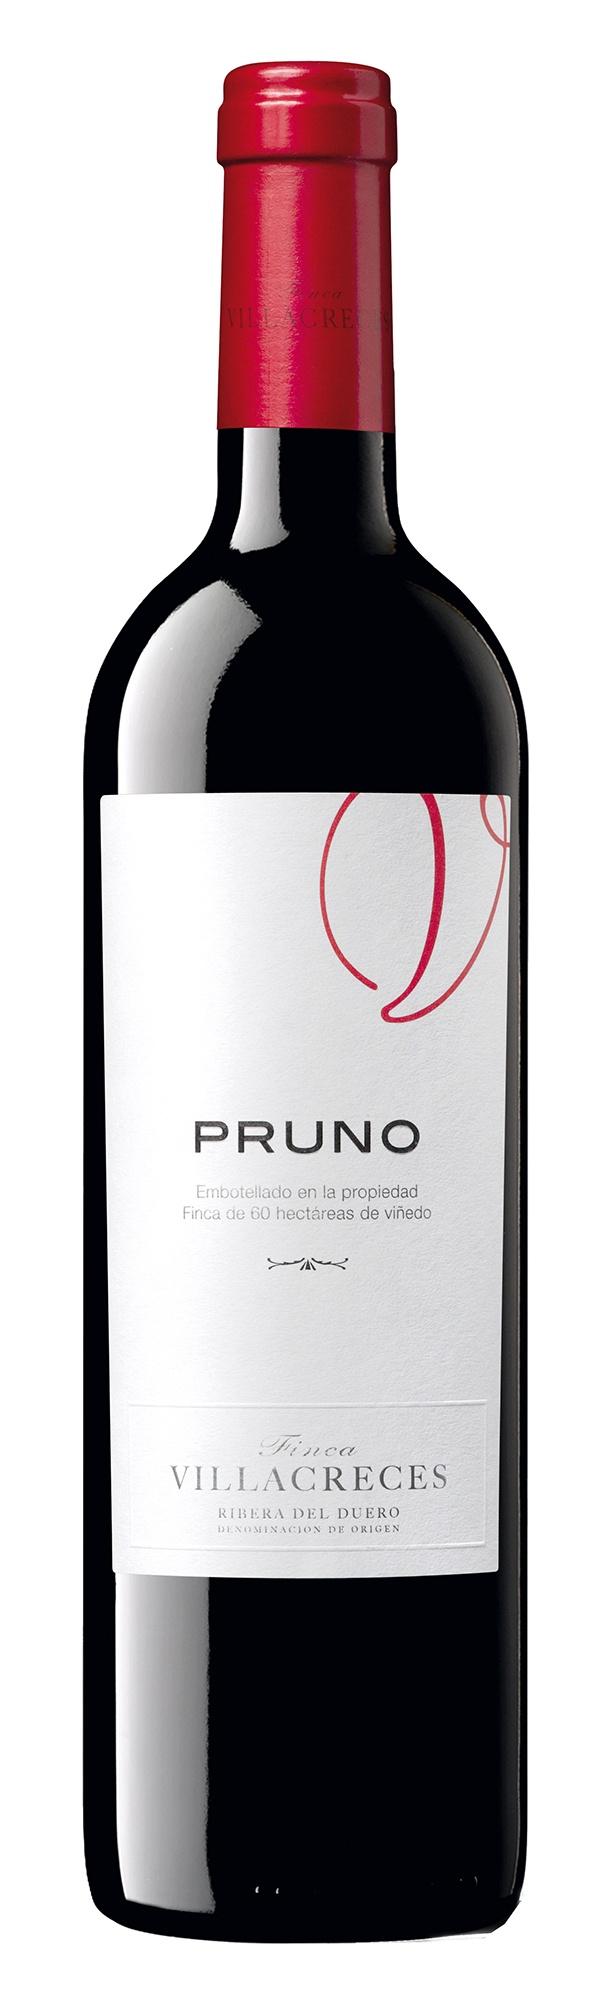 Pruno 2011 Viña Villacreces. Ribera del Duero. Wine of Spain